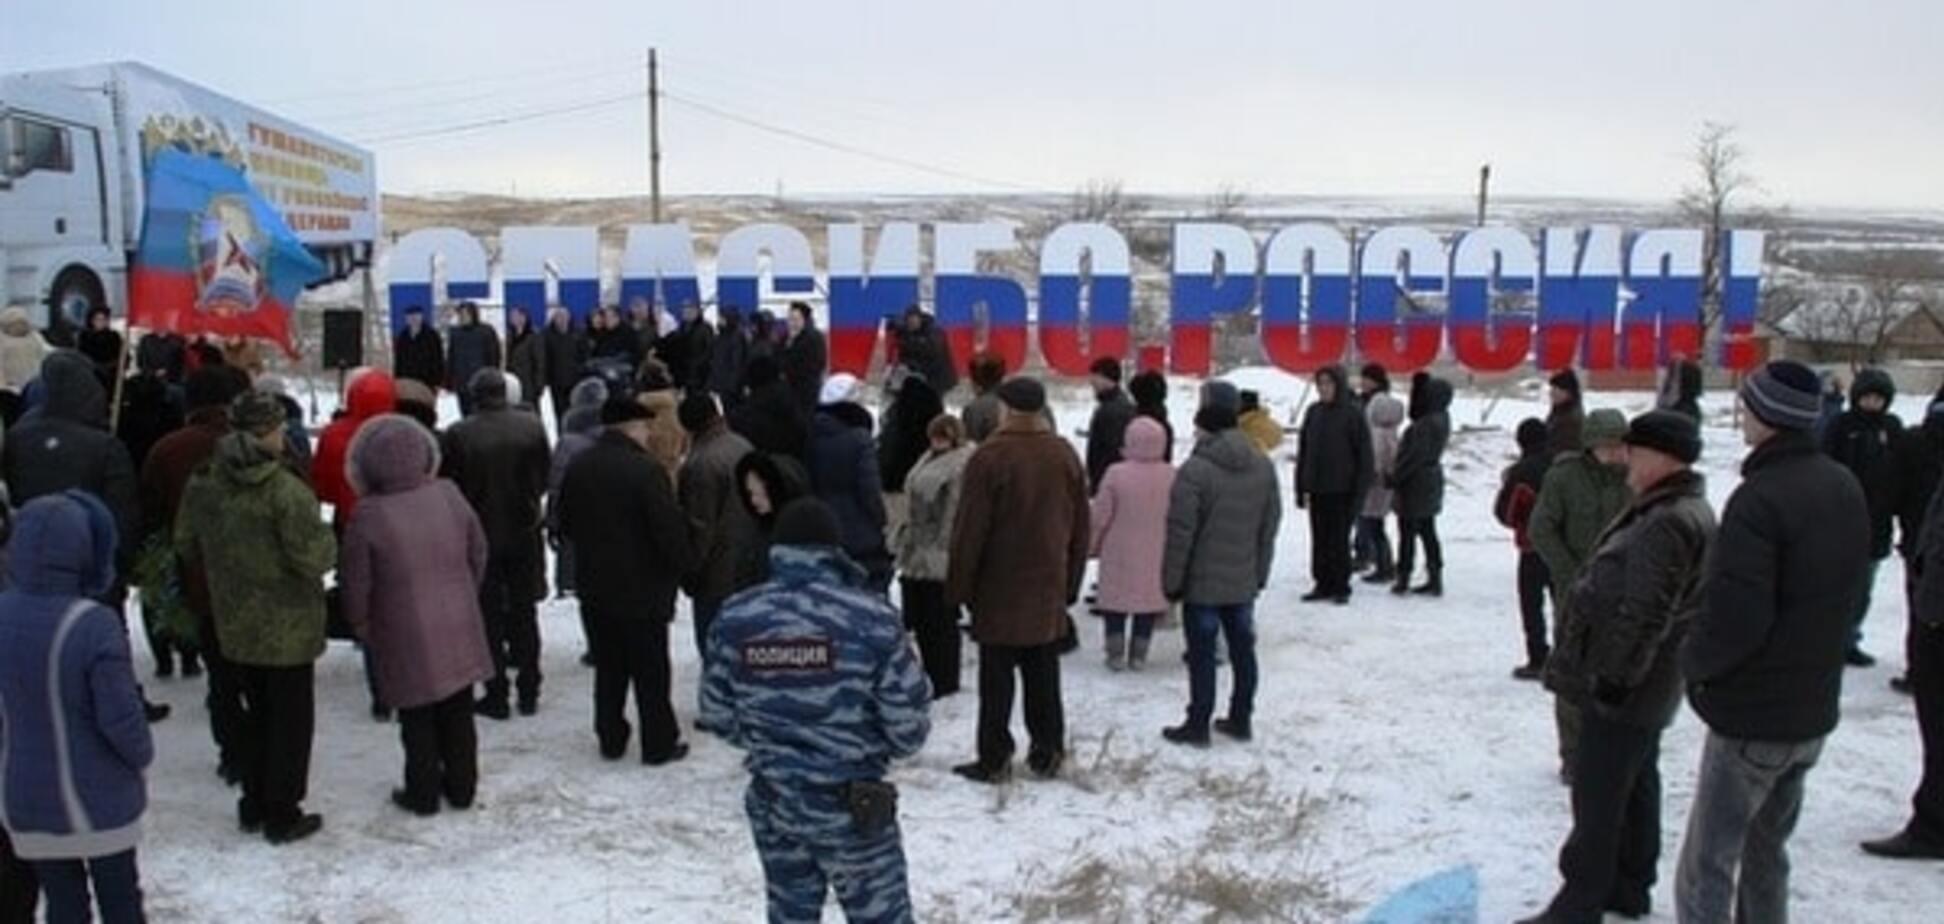 Терористи 'ЛНР' віддячили Кремль пам'ятником на кордоні з Росією: опубліковані фото